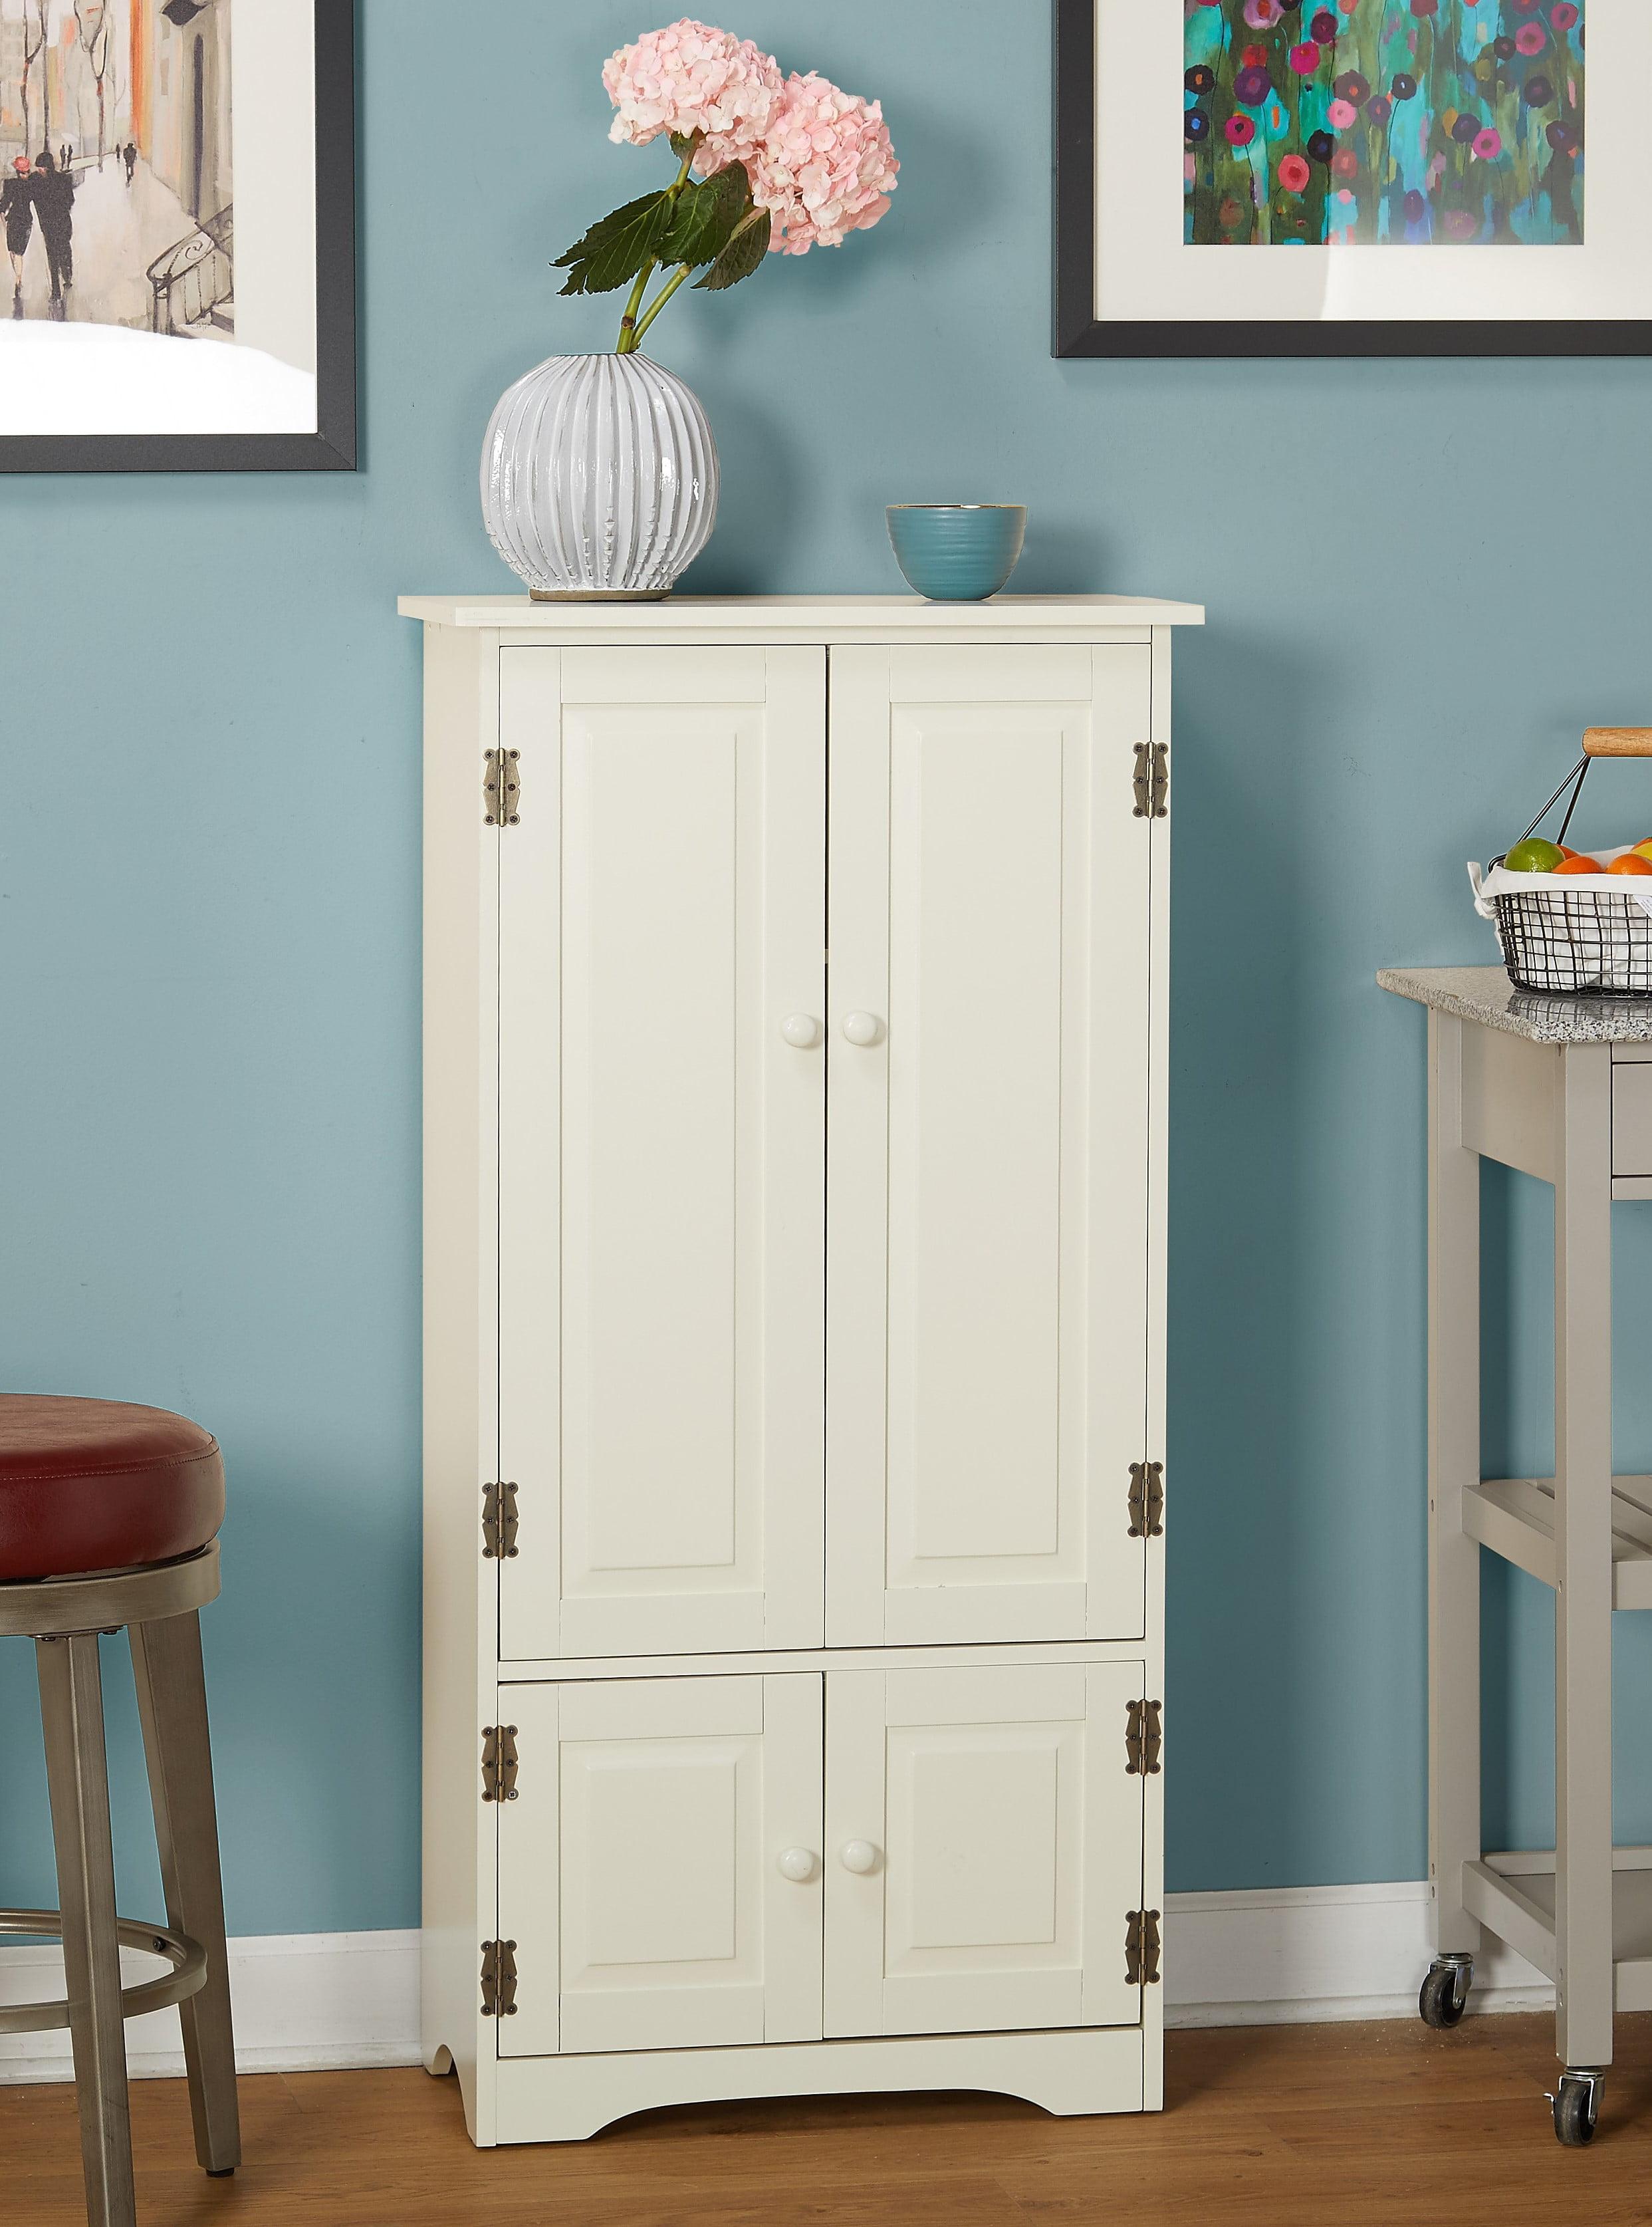 Versatile Wood 4-Door Floor Cabinet, Multiple Colors - Walmart.com